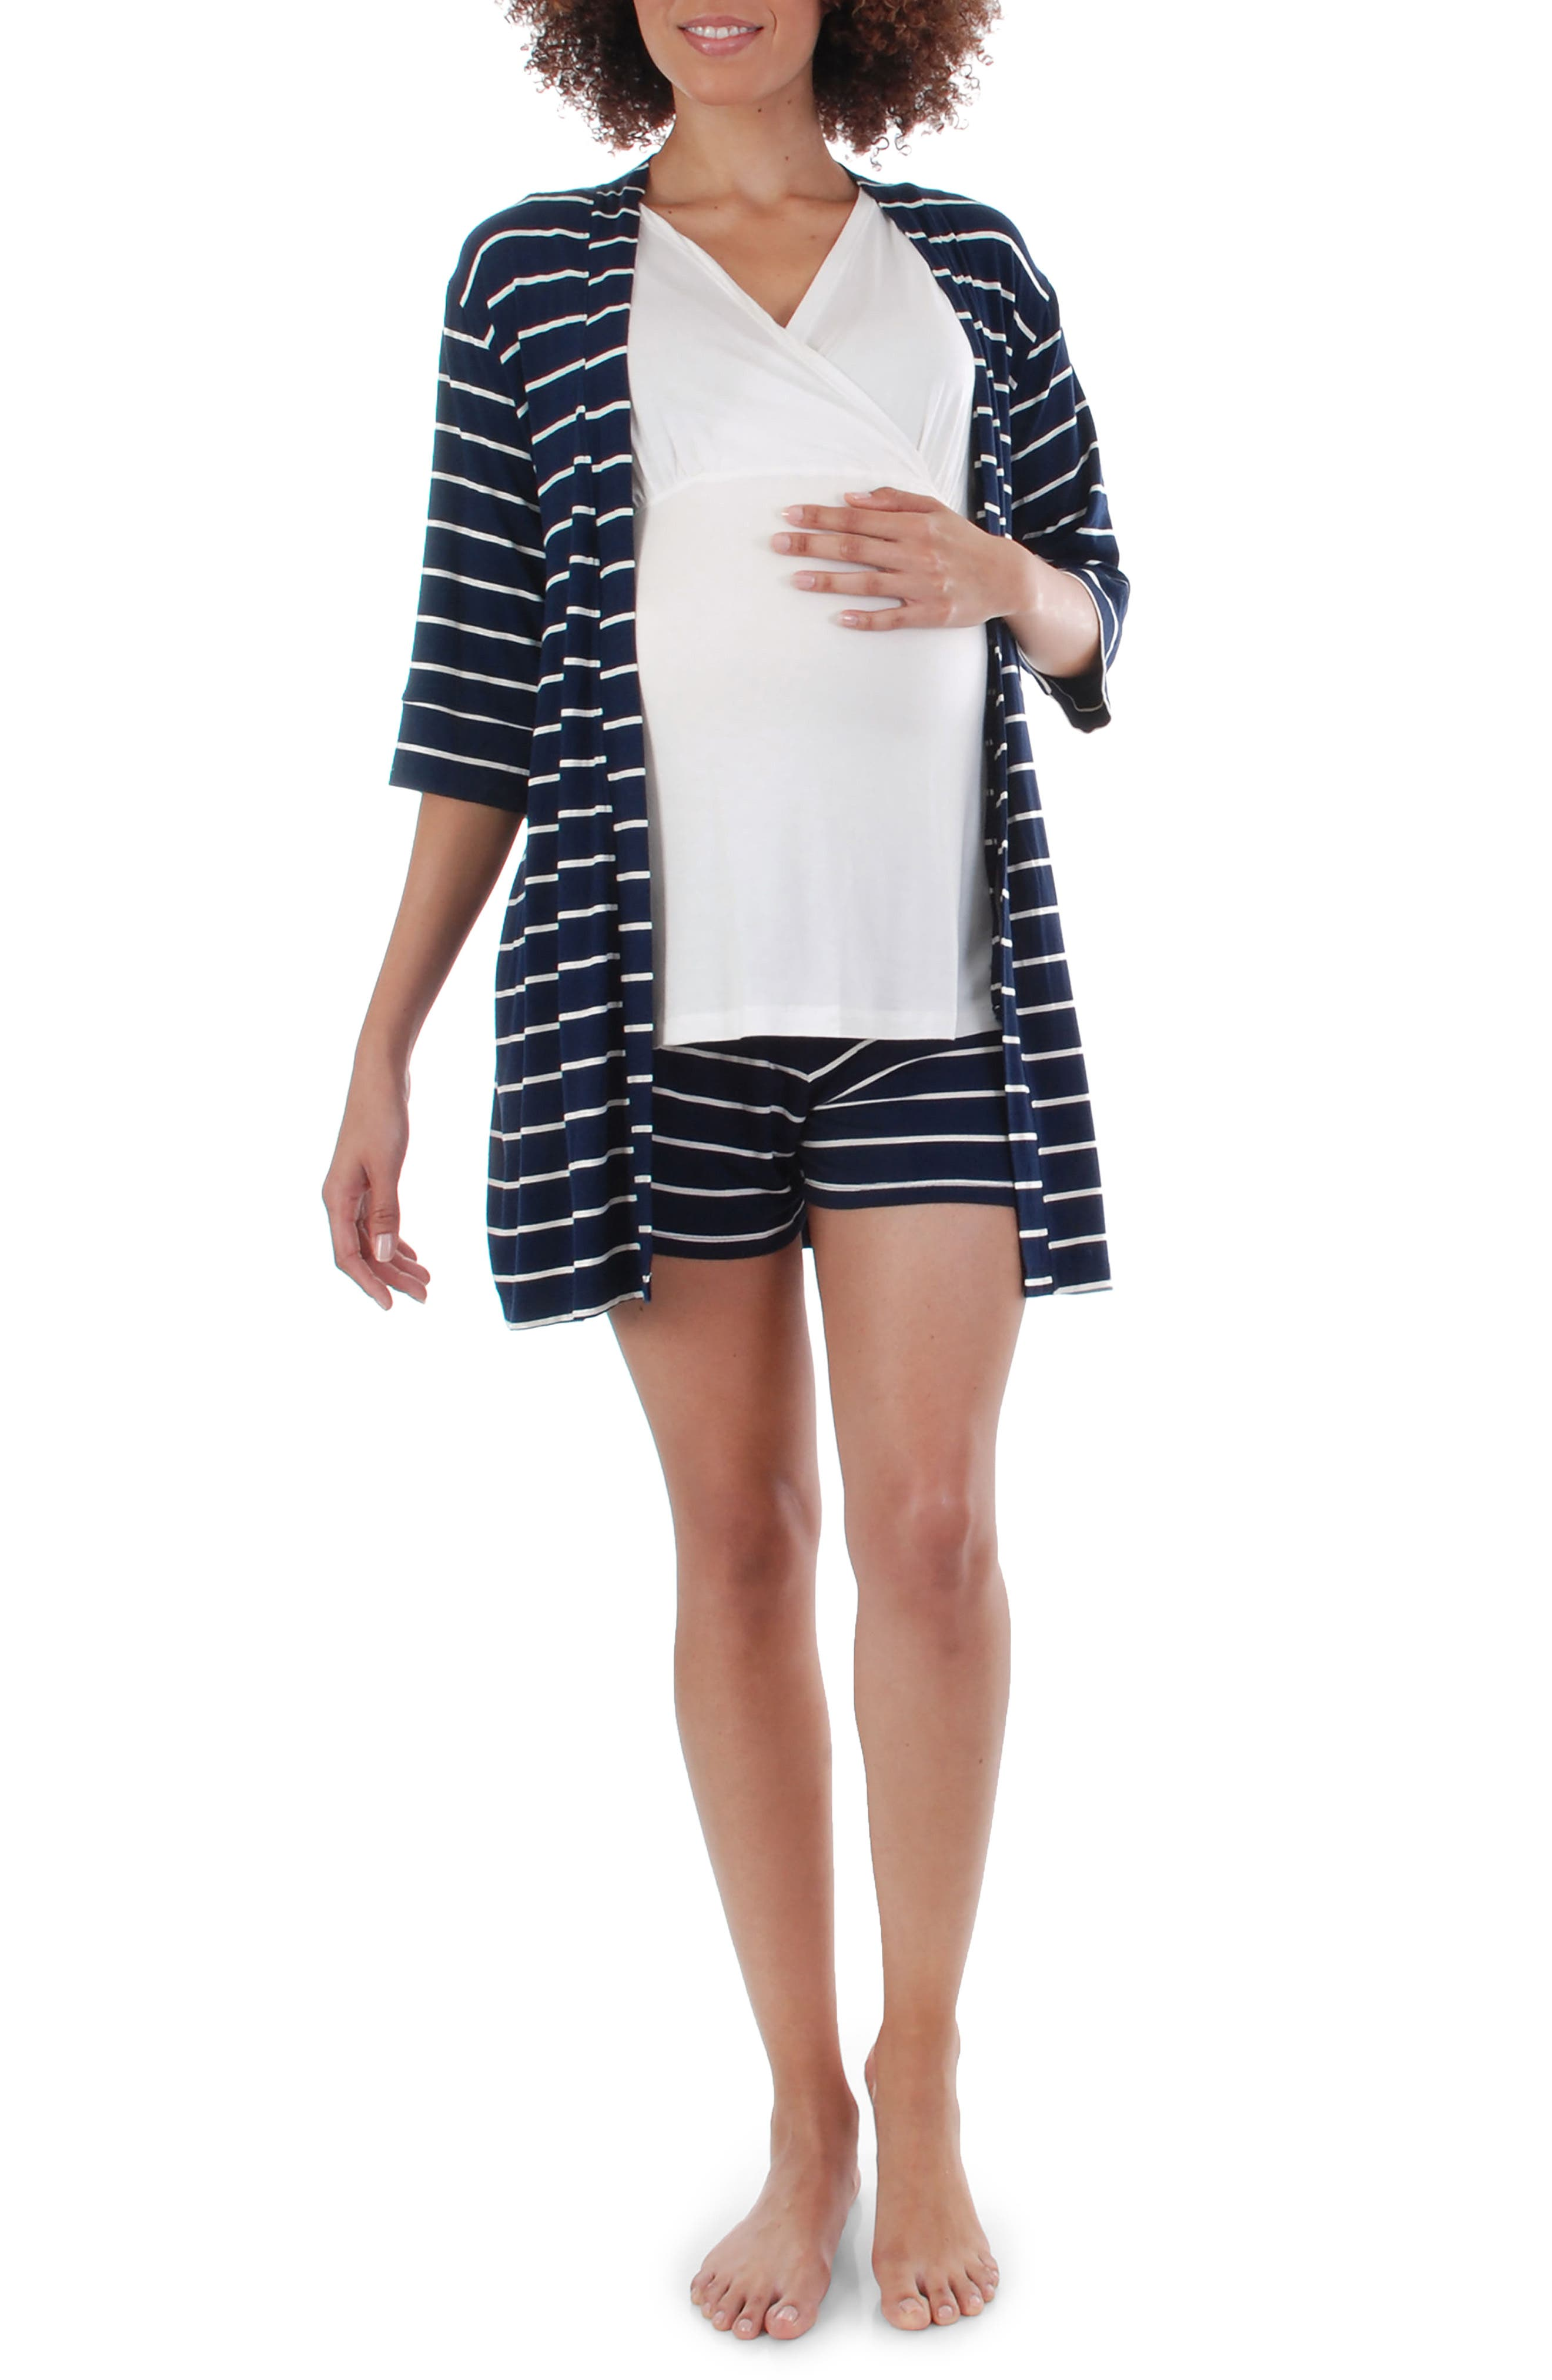 EVERLY GREY Adalia 5-Piece Maternity/Nursing Pajama Set, Main, color, NAVY STRIPE